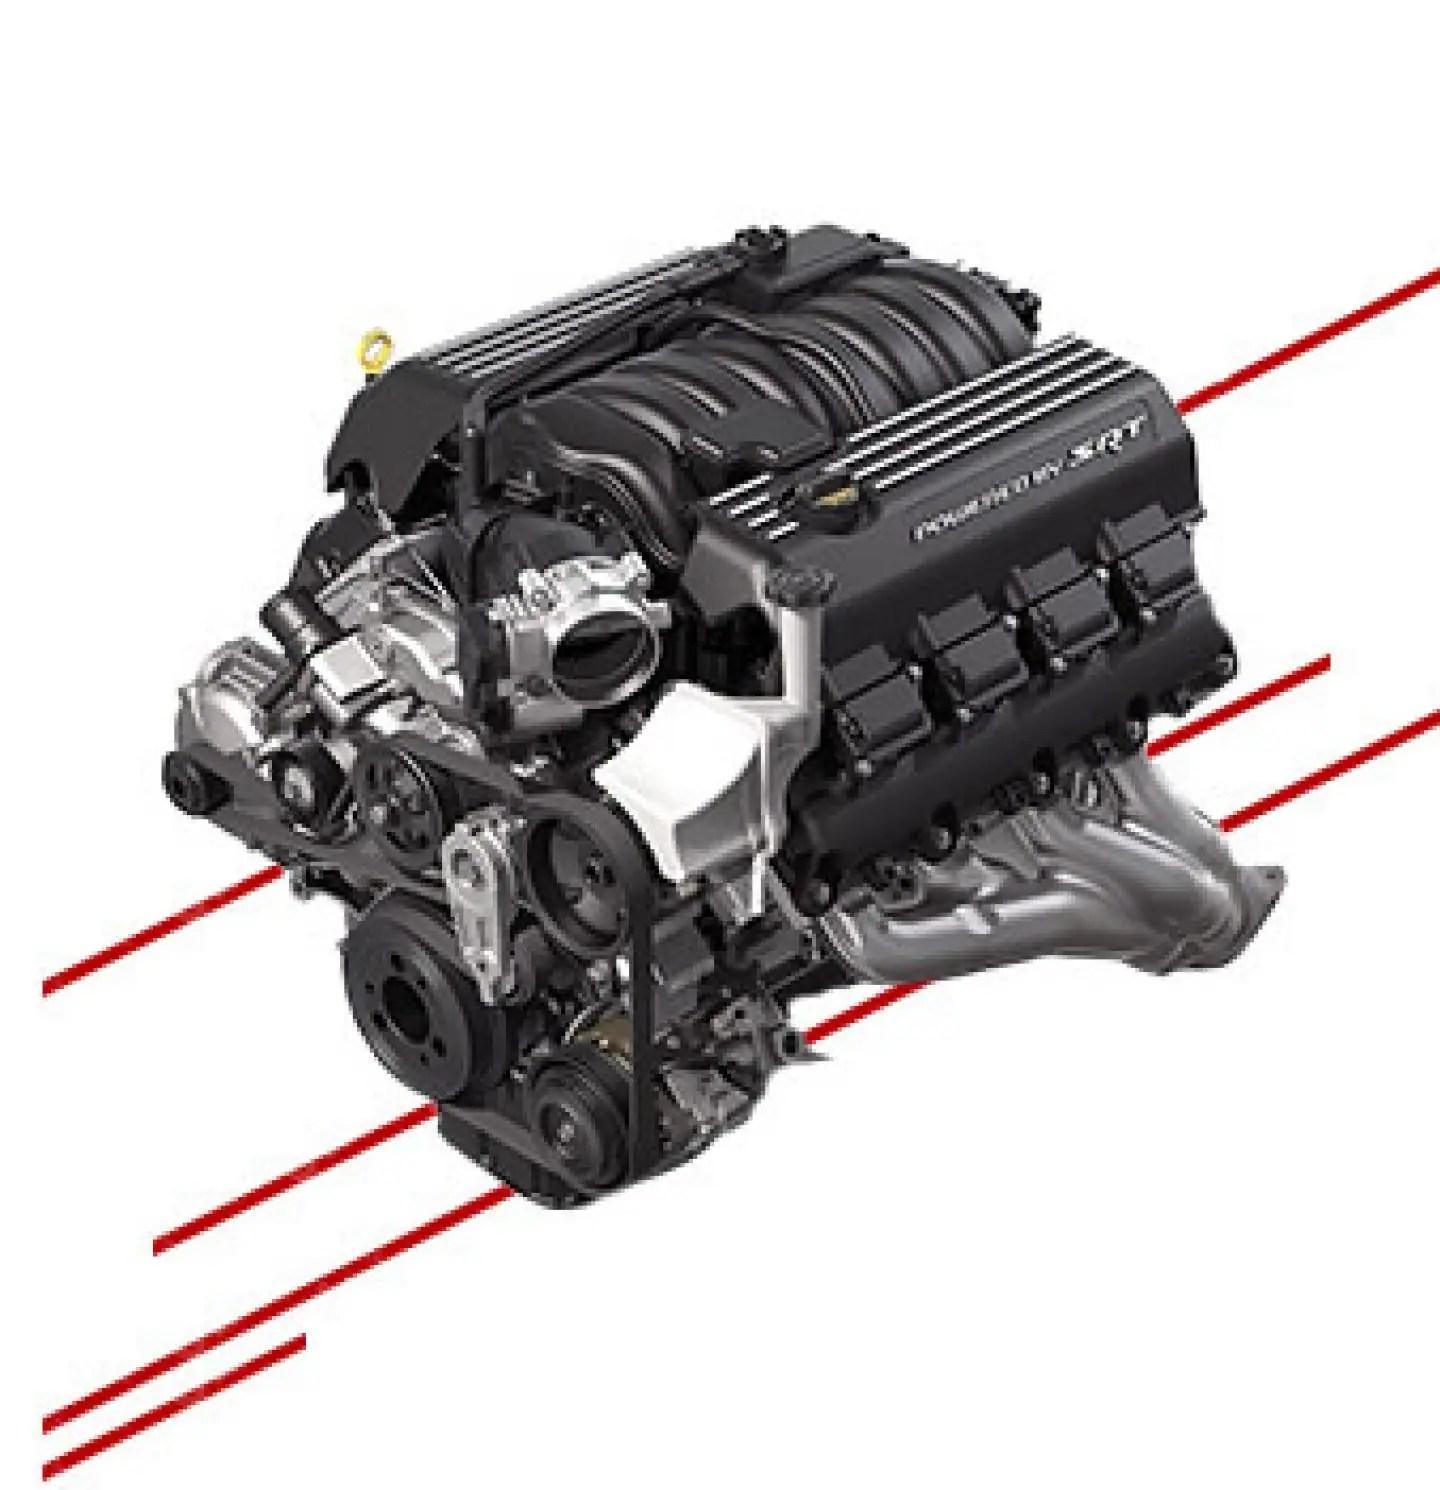 hight resolution of 2019 dodge charger 6 4l hemi v8 engine